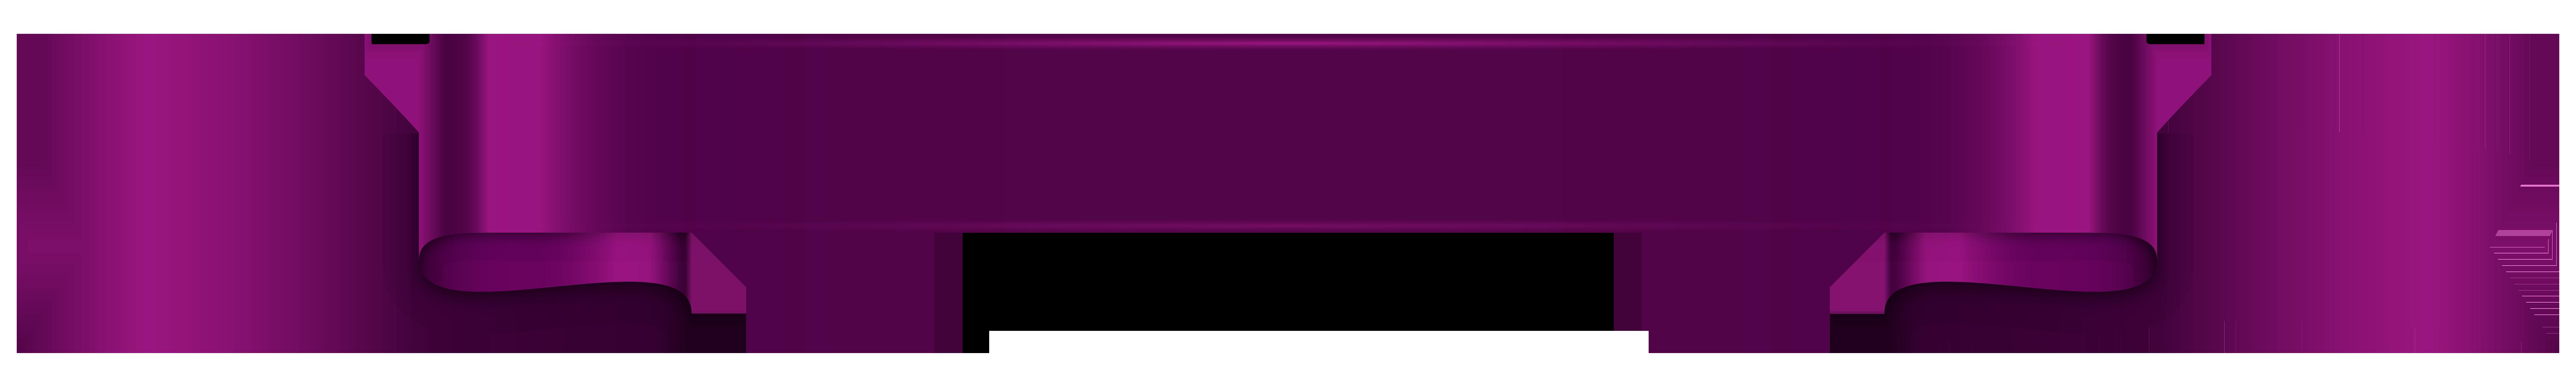 Purple clipart banner. Transparent png clip art